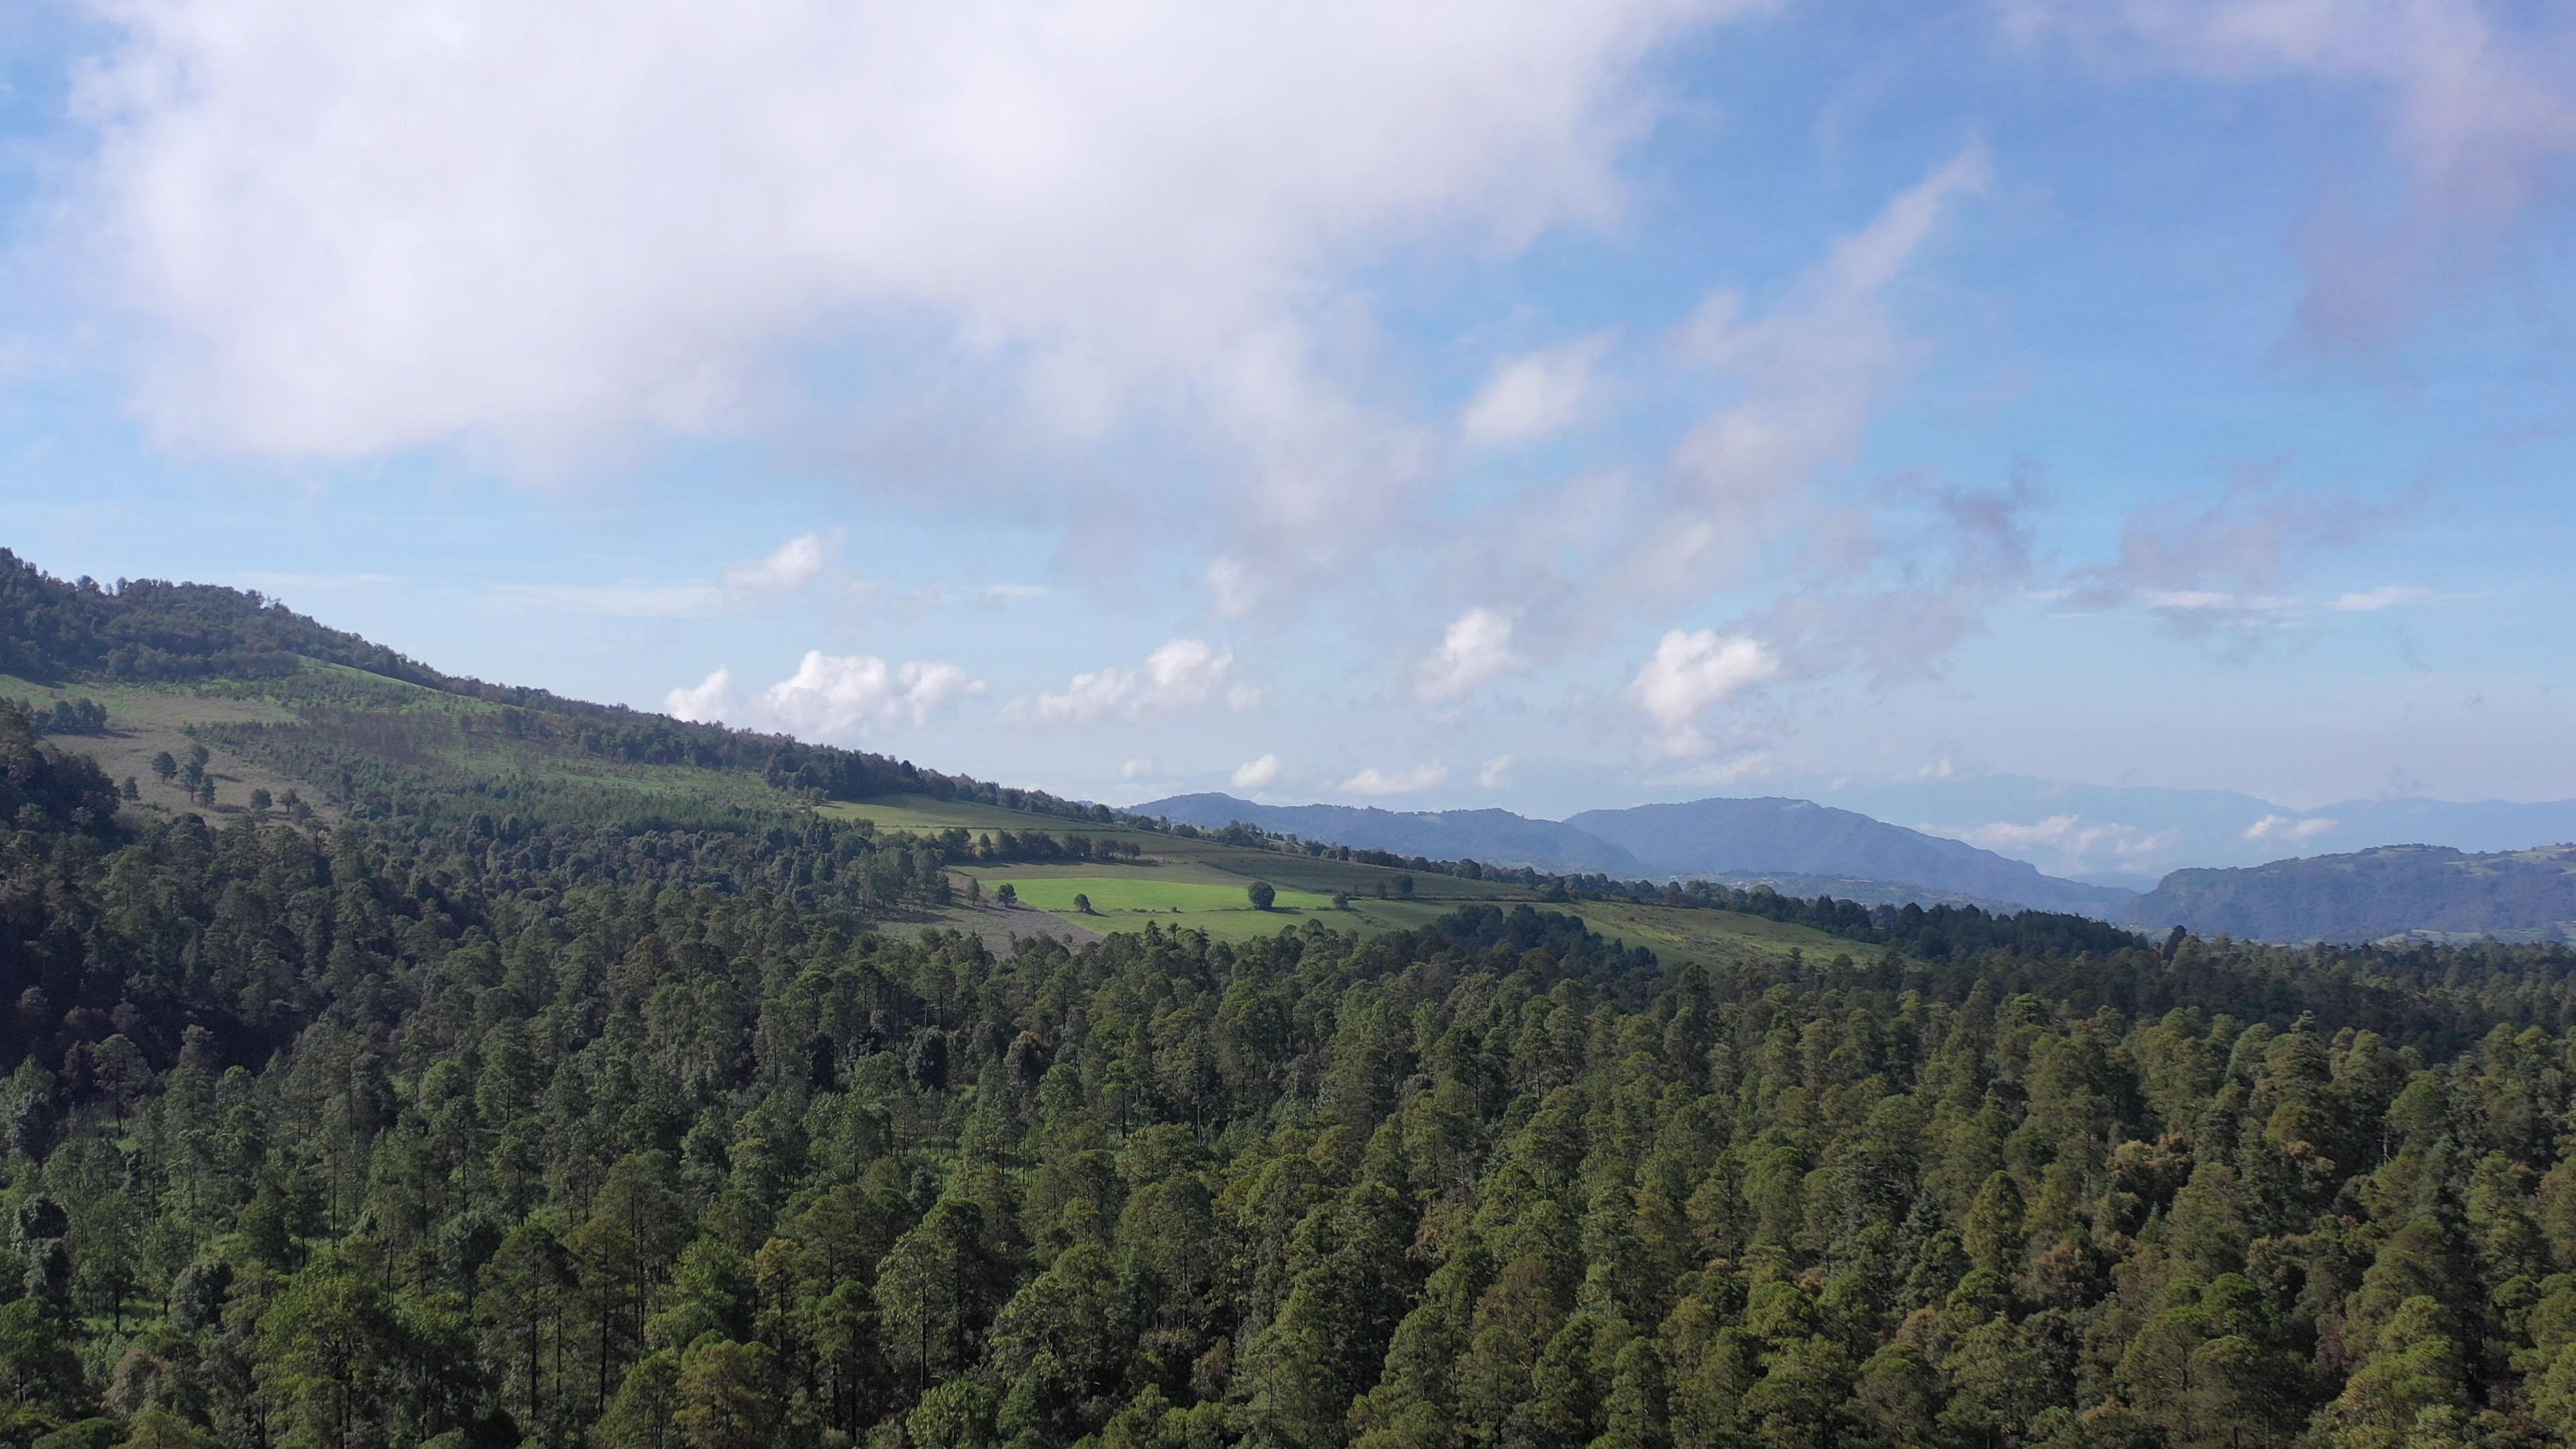 Bosque de Agua, en Estado de México (Fotografía: Sofía Salcedo / Plumas Atómicas)